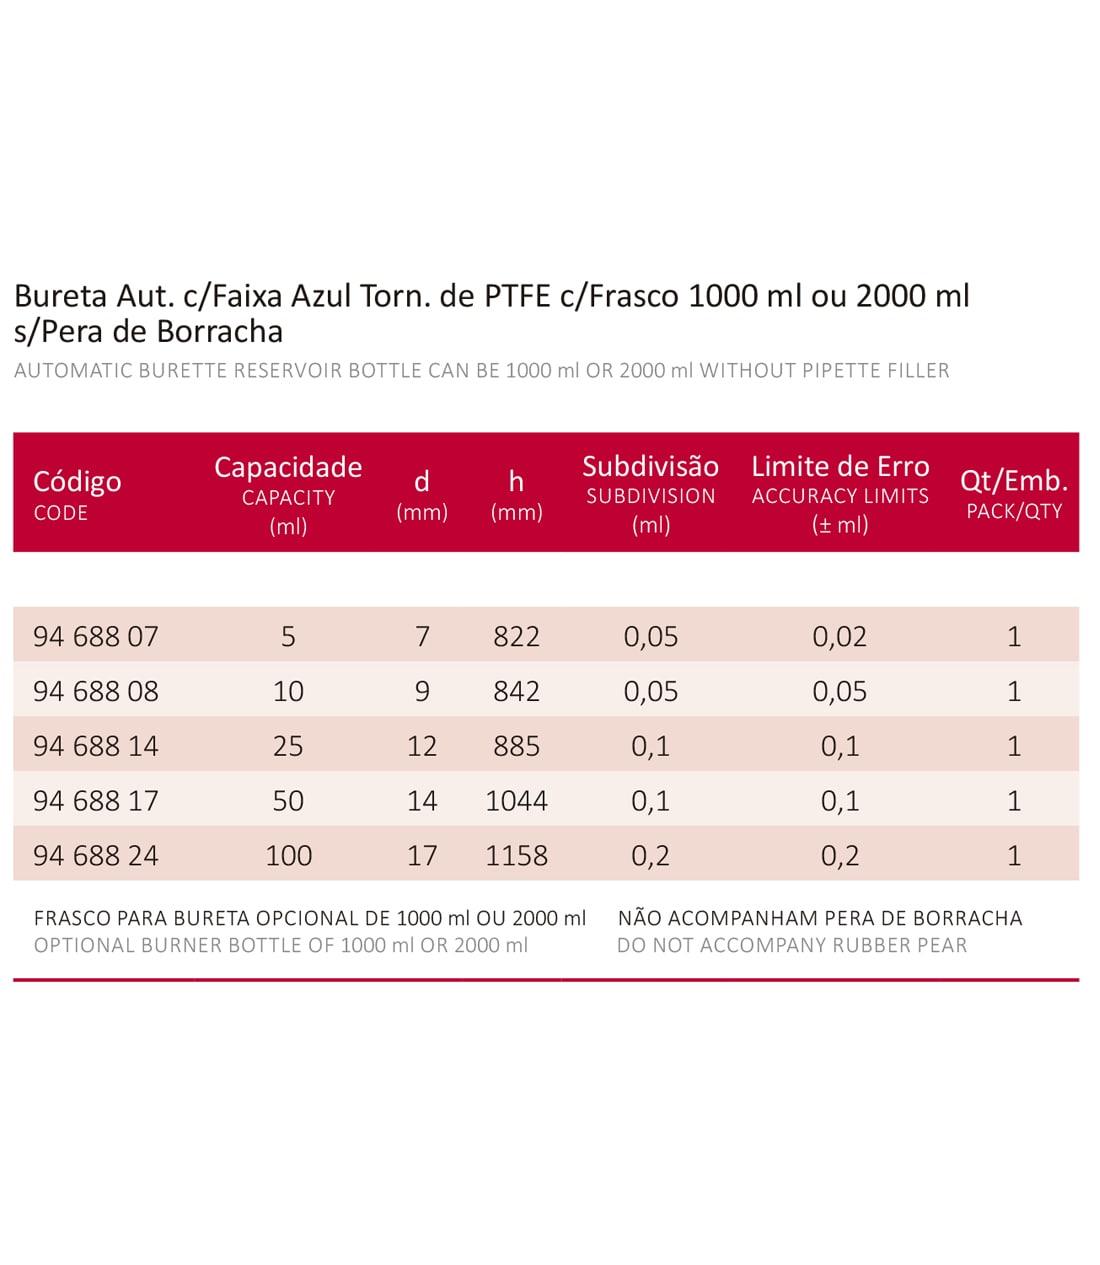 BURETA AUTOMÁTICA FAIXA AZUL. TOR. PTFE C/FRASCO 100 ML - Laborglas - Cód. 9468824